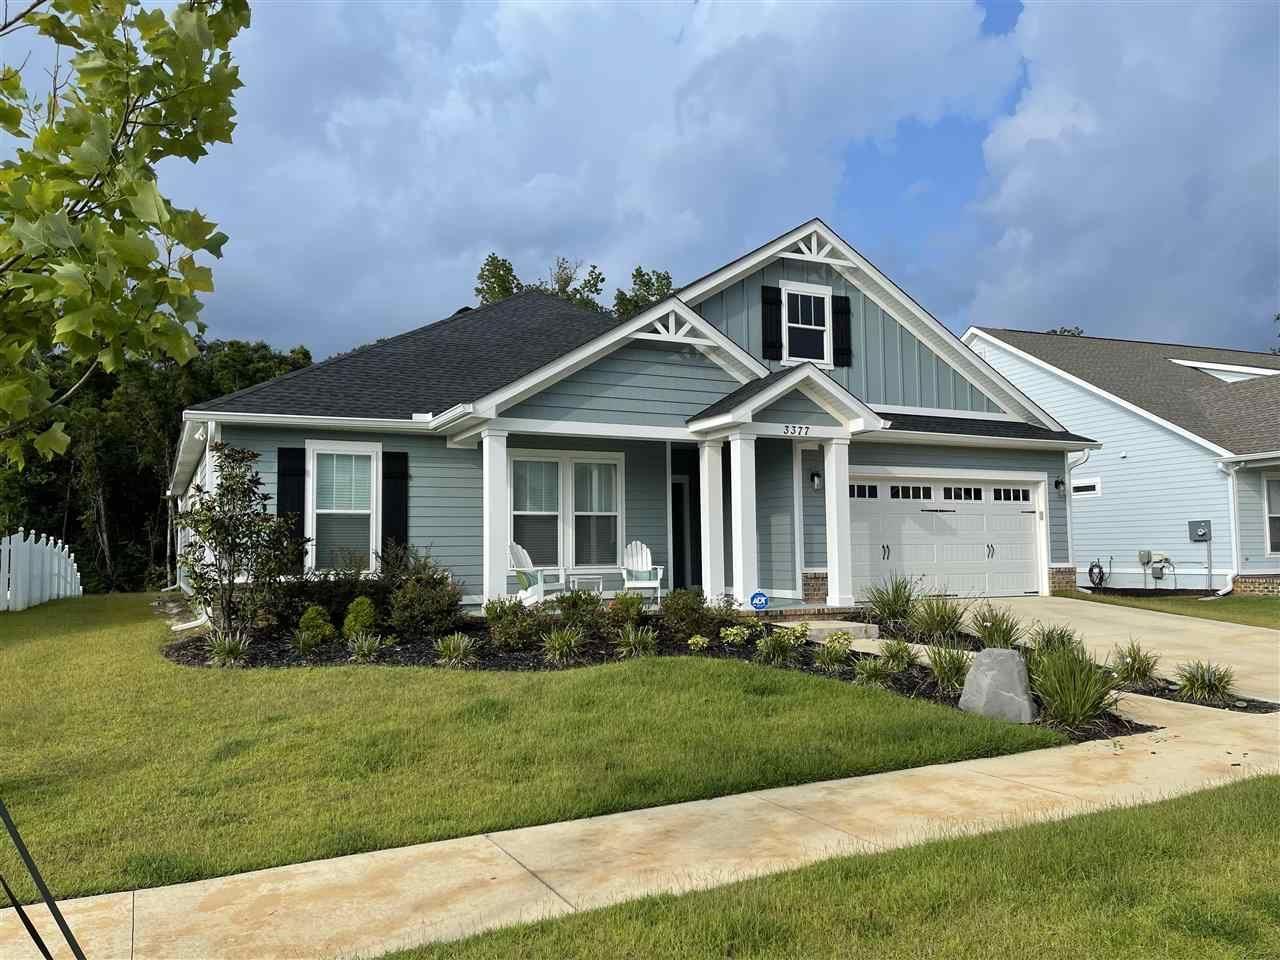 Photo of 3377 Jasmine Hill Road, TALLAHASSEE, FL 32311 (MLS # 335588)